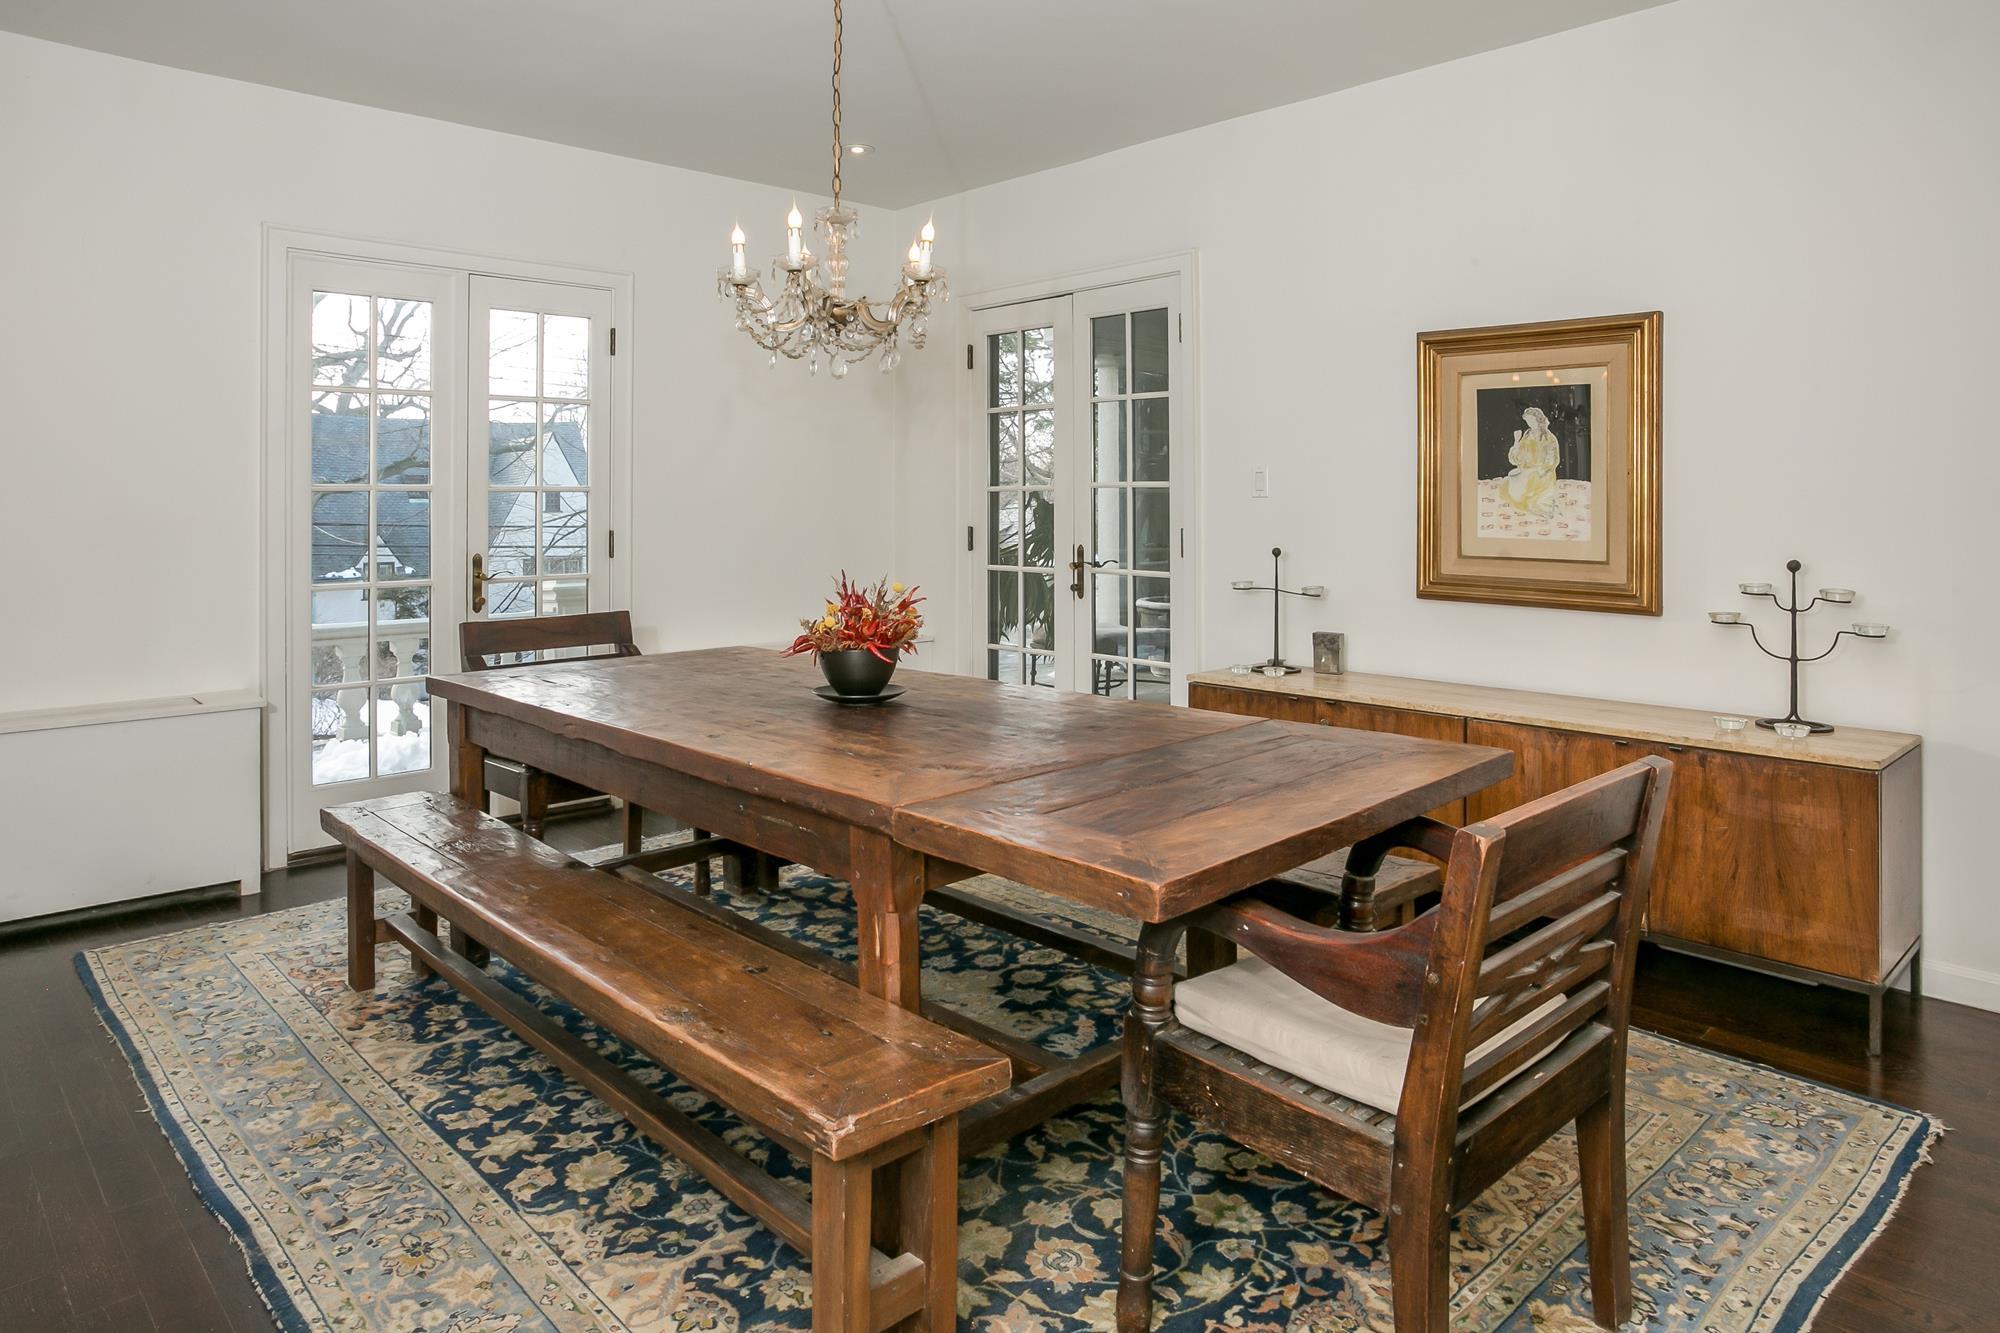 Classic & Elegant 4-Bd. Mediterranean-Style House w/ Terrace, Patio & Level, Grassy Yard